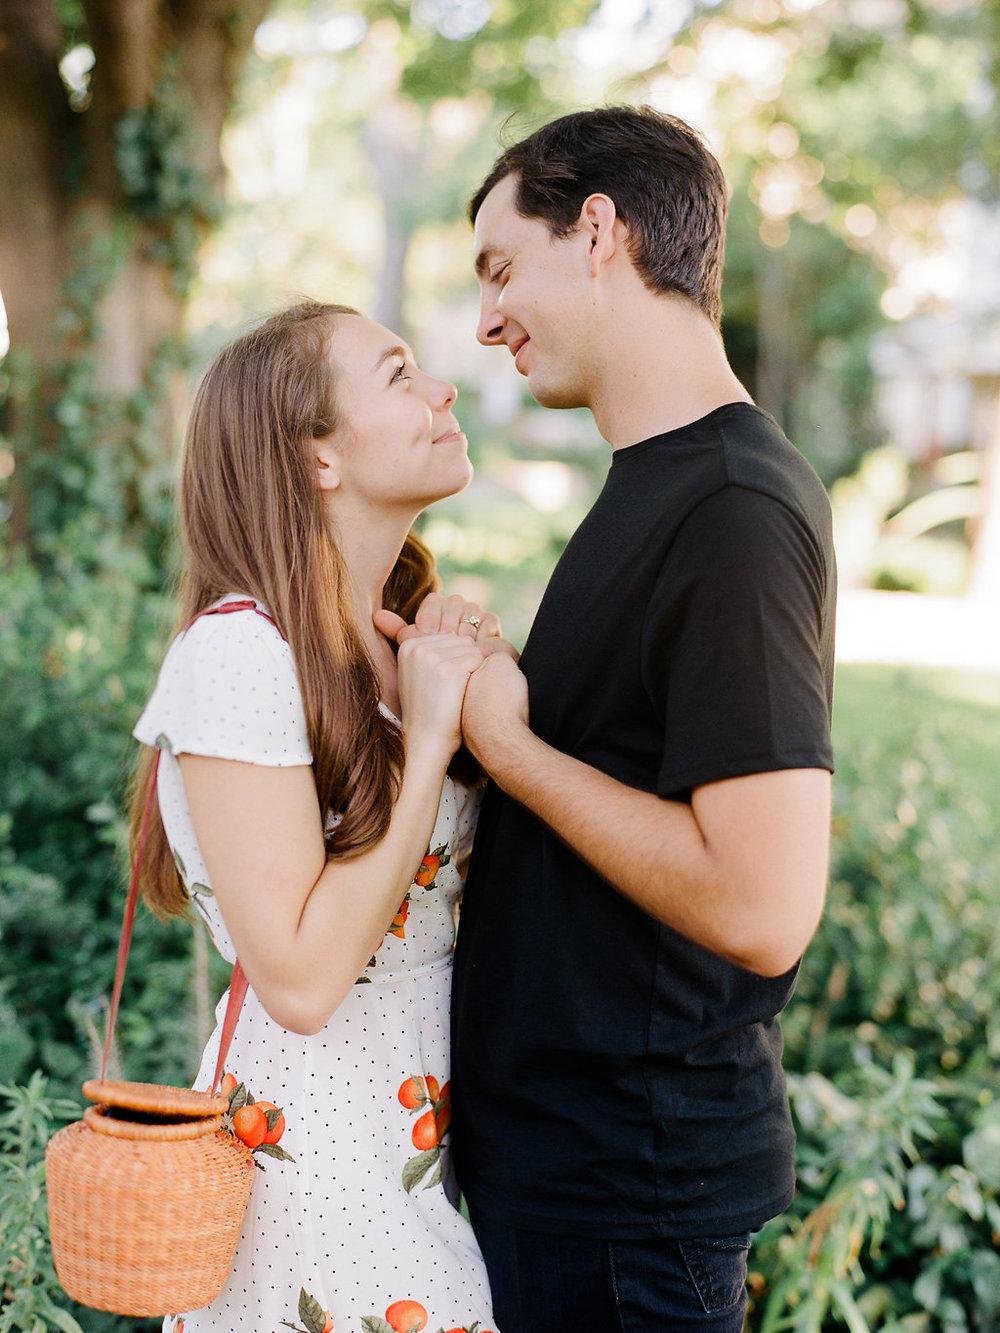 Best-Austin-Denver-California-Wedding-Photographers-fine-art-film-Engagement-Session-22.jpg